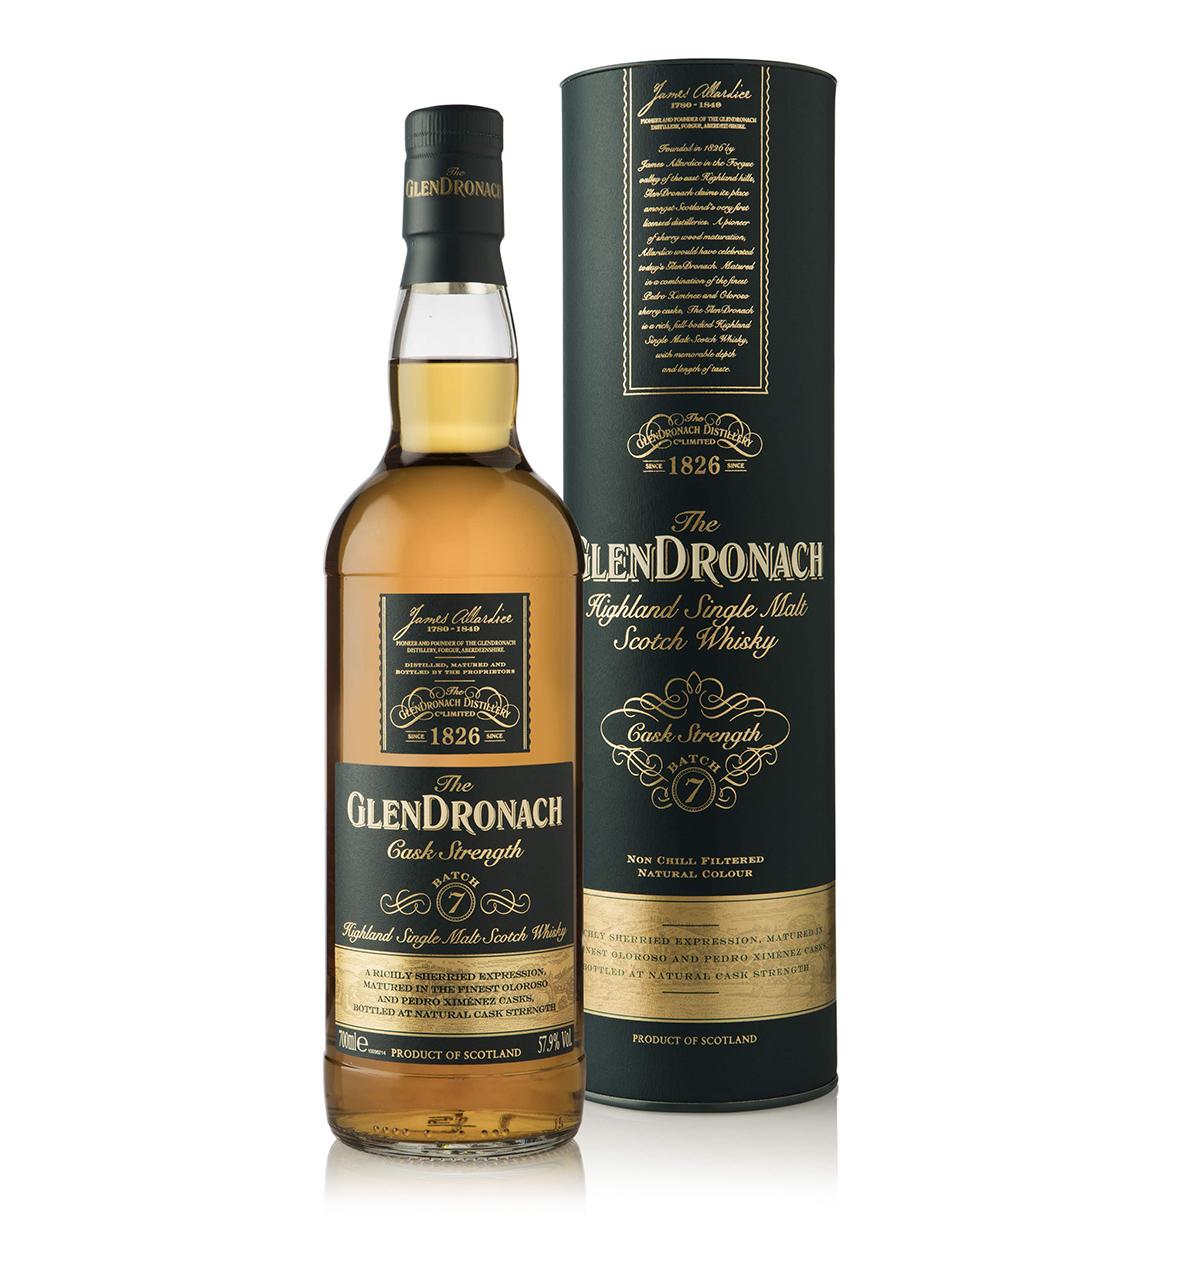 The GlenDronach Cask Strength Batch №7